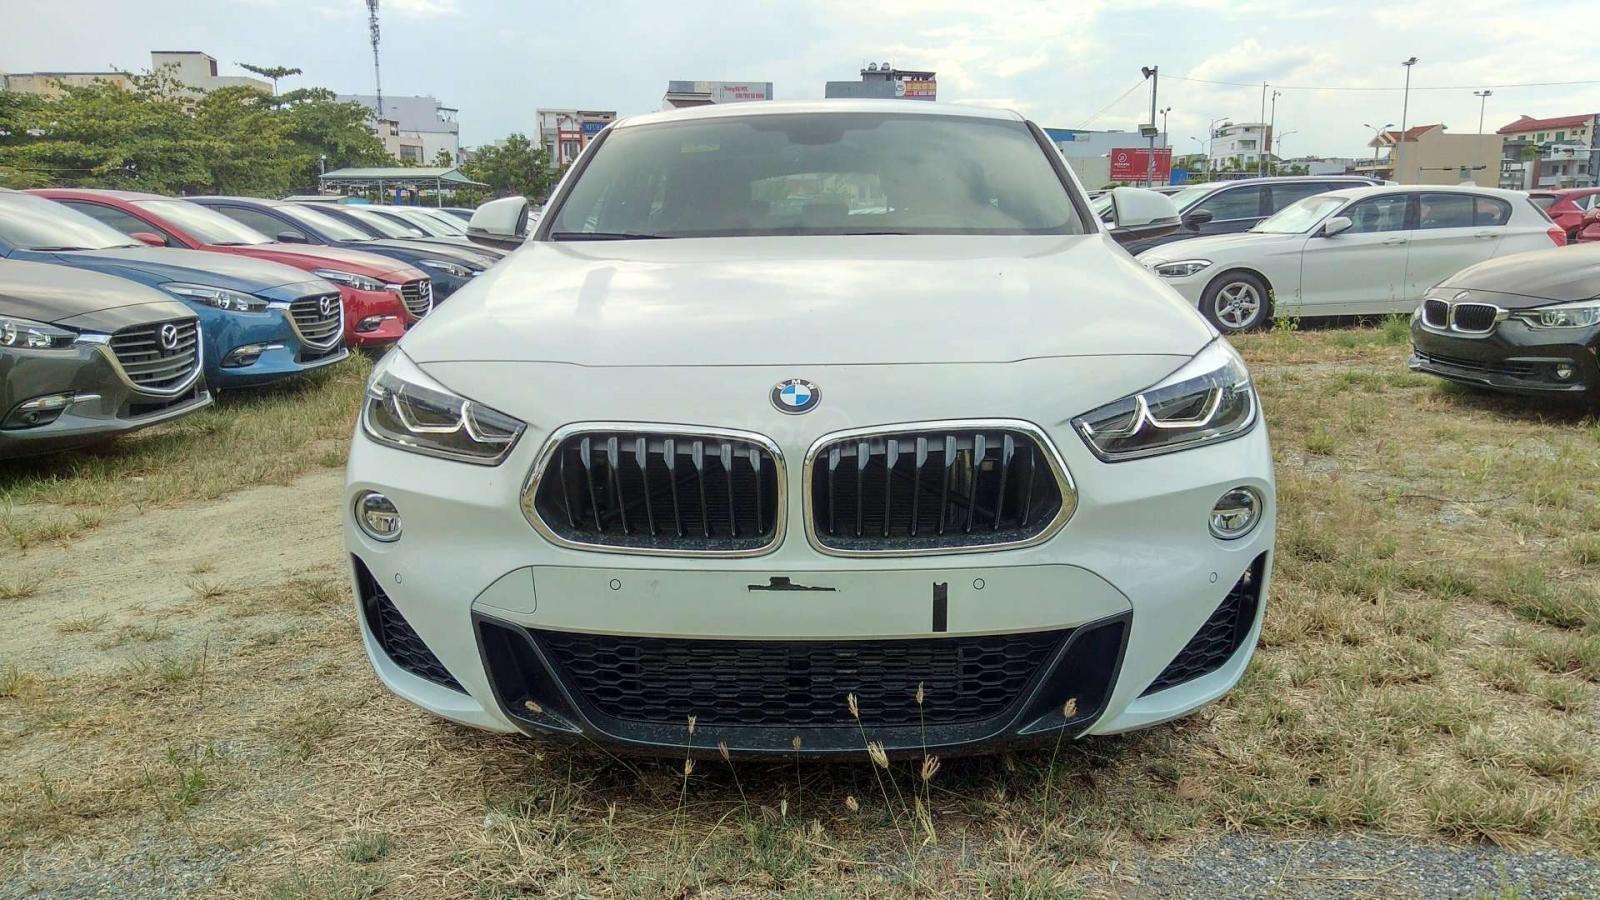 Đánh giá BMW X2 sDrive18i 2019 về thiết kế đầu xe.